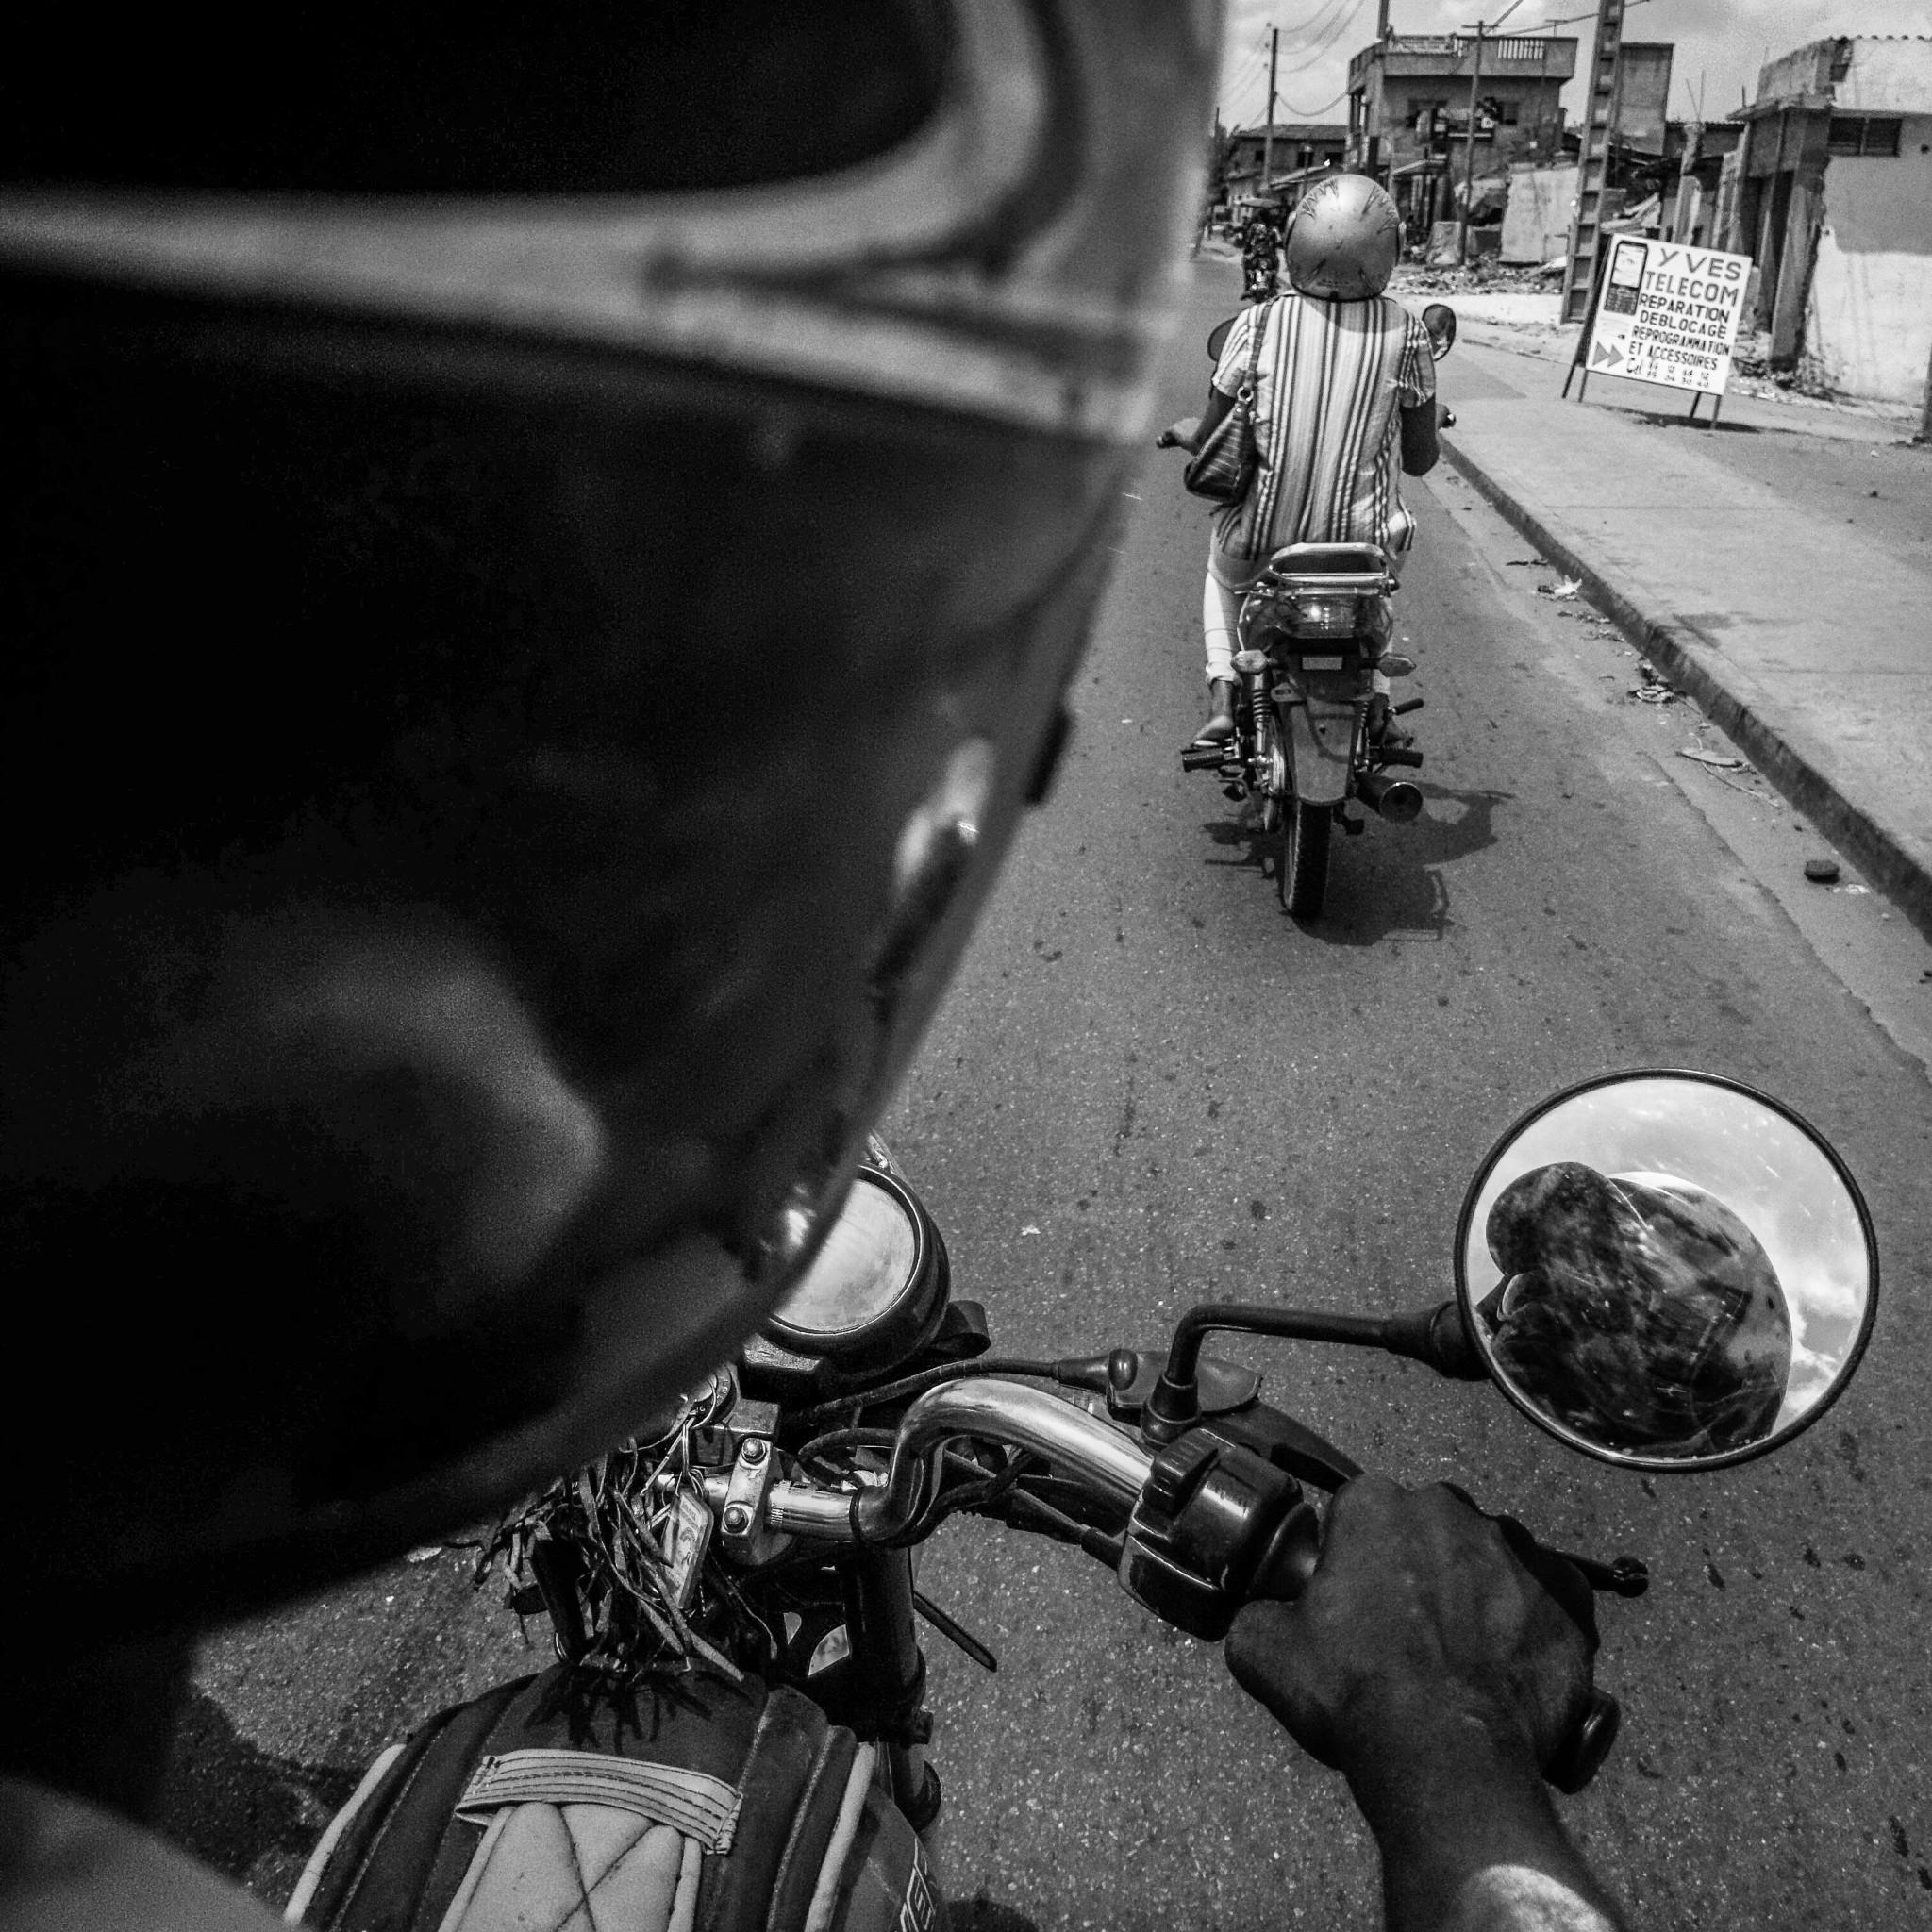 Au Bénin, la ville de Cotonou et sa périphérie comptent plus d'1, 5 million d'habitants qui se déplacent exclusivement en deux roues avec également les motos taxis appellés ZEM présents partout. Tous sillonnent cette ville d'Afrique de l'ouest telles des abeilles aux sons réguliers de leurs klaxons.